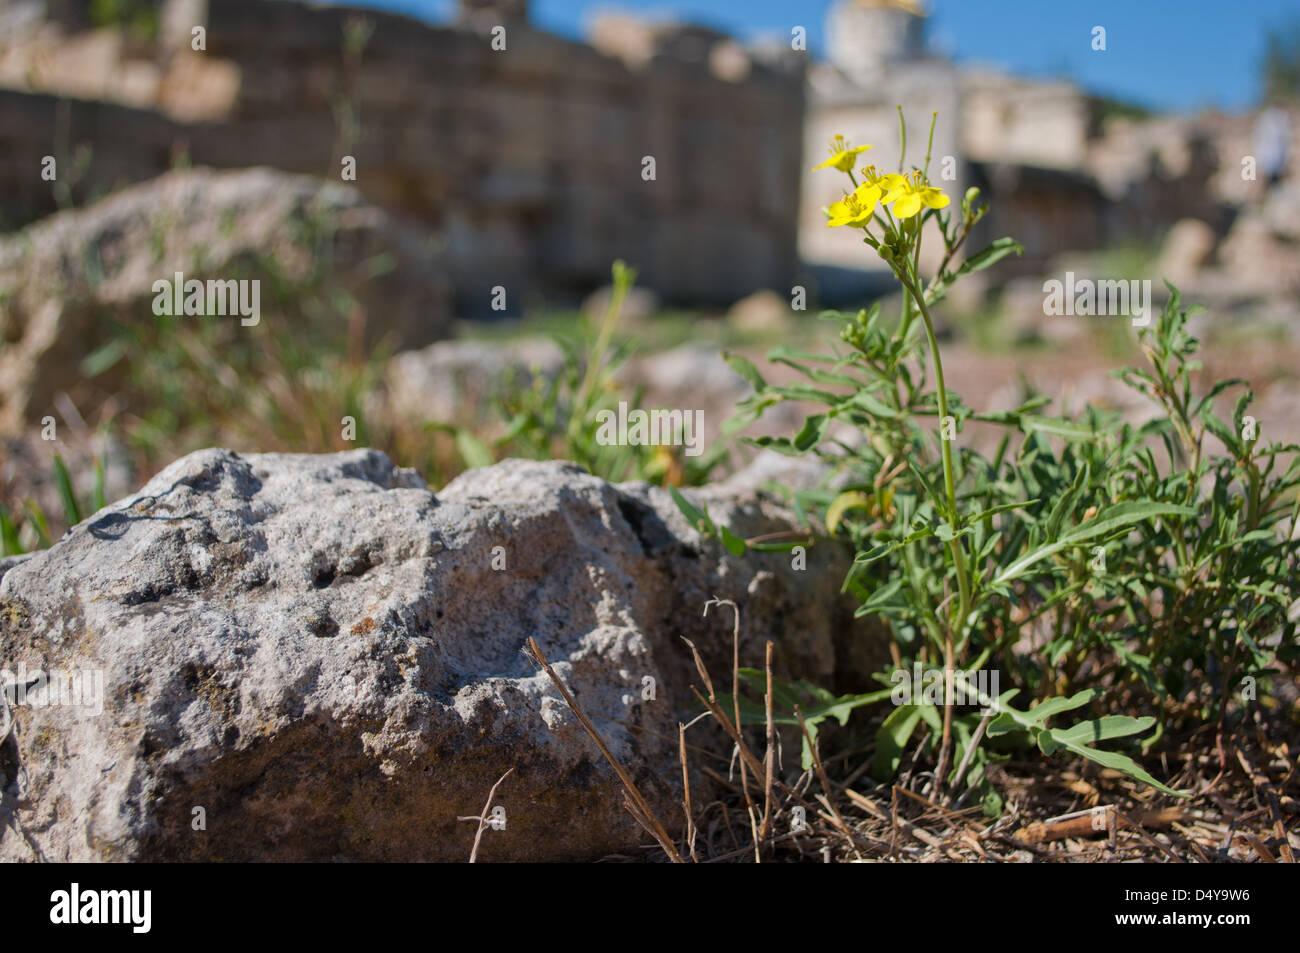 Flores Silvestres Amarillas Pequenas Entre Grandes Piedras Foto